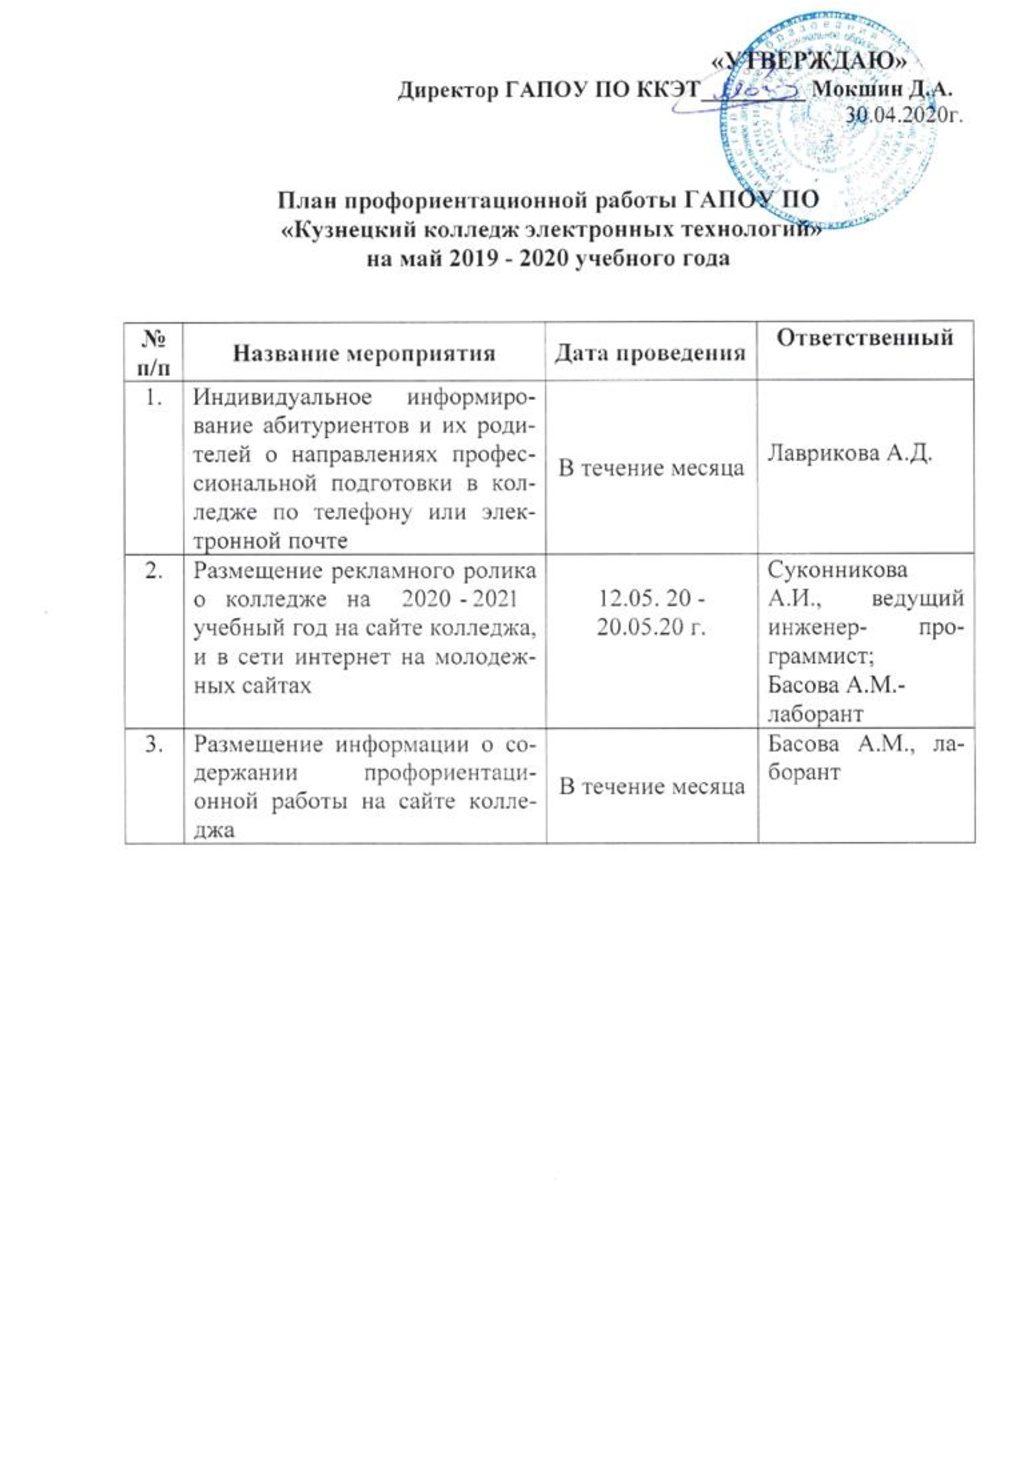 План профориентационной работы на май 2020 года